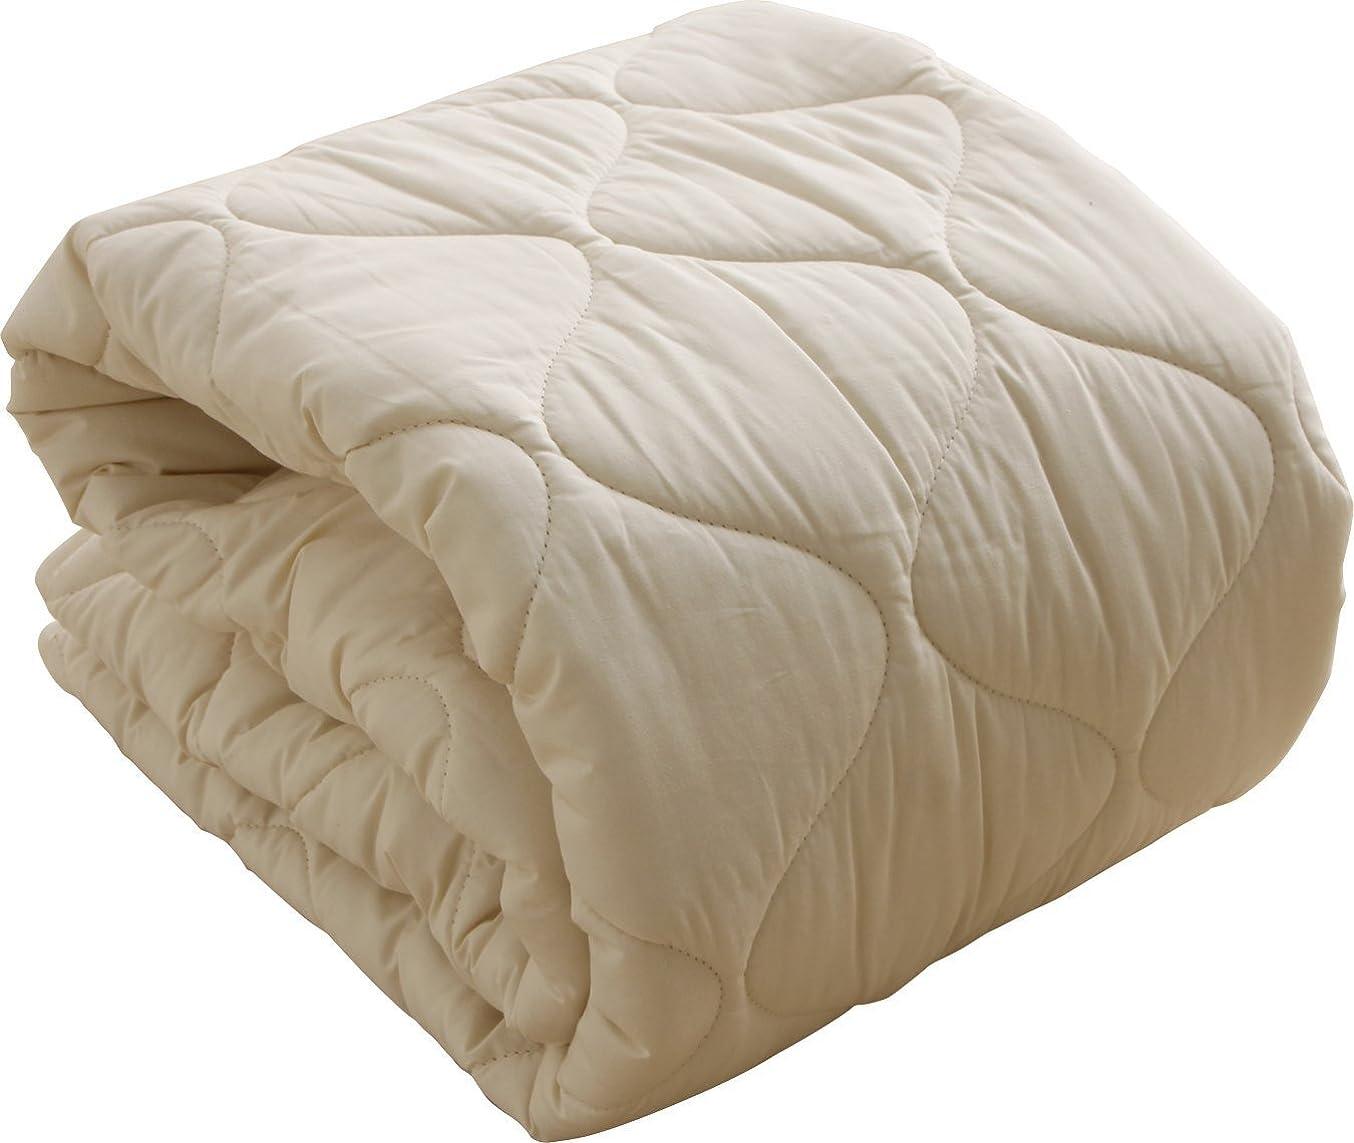 ブラジャー予測子回答ベッドパッド 日本製 フランスプレミアムウール100% 敷きパッド セミダブル